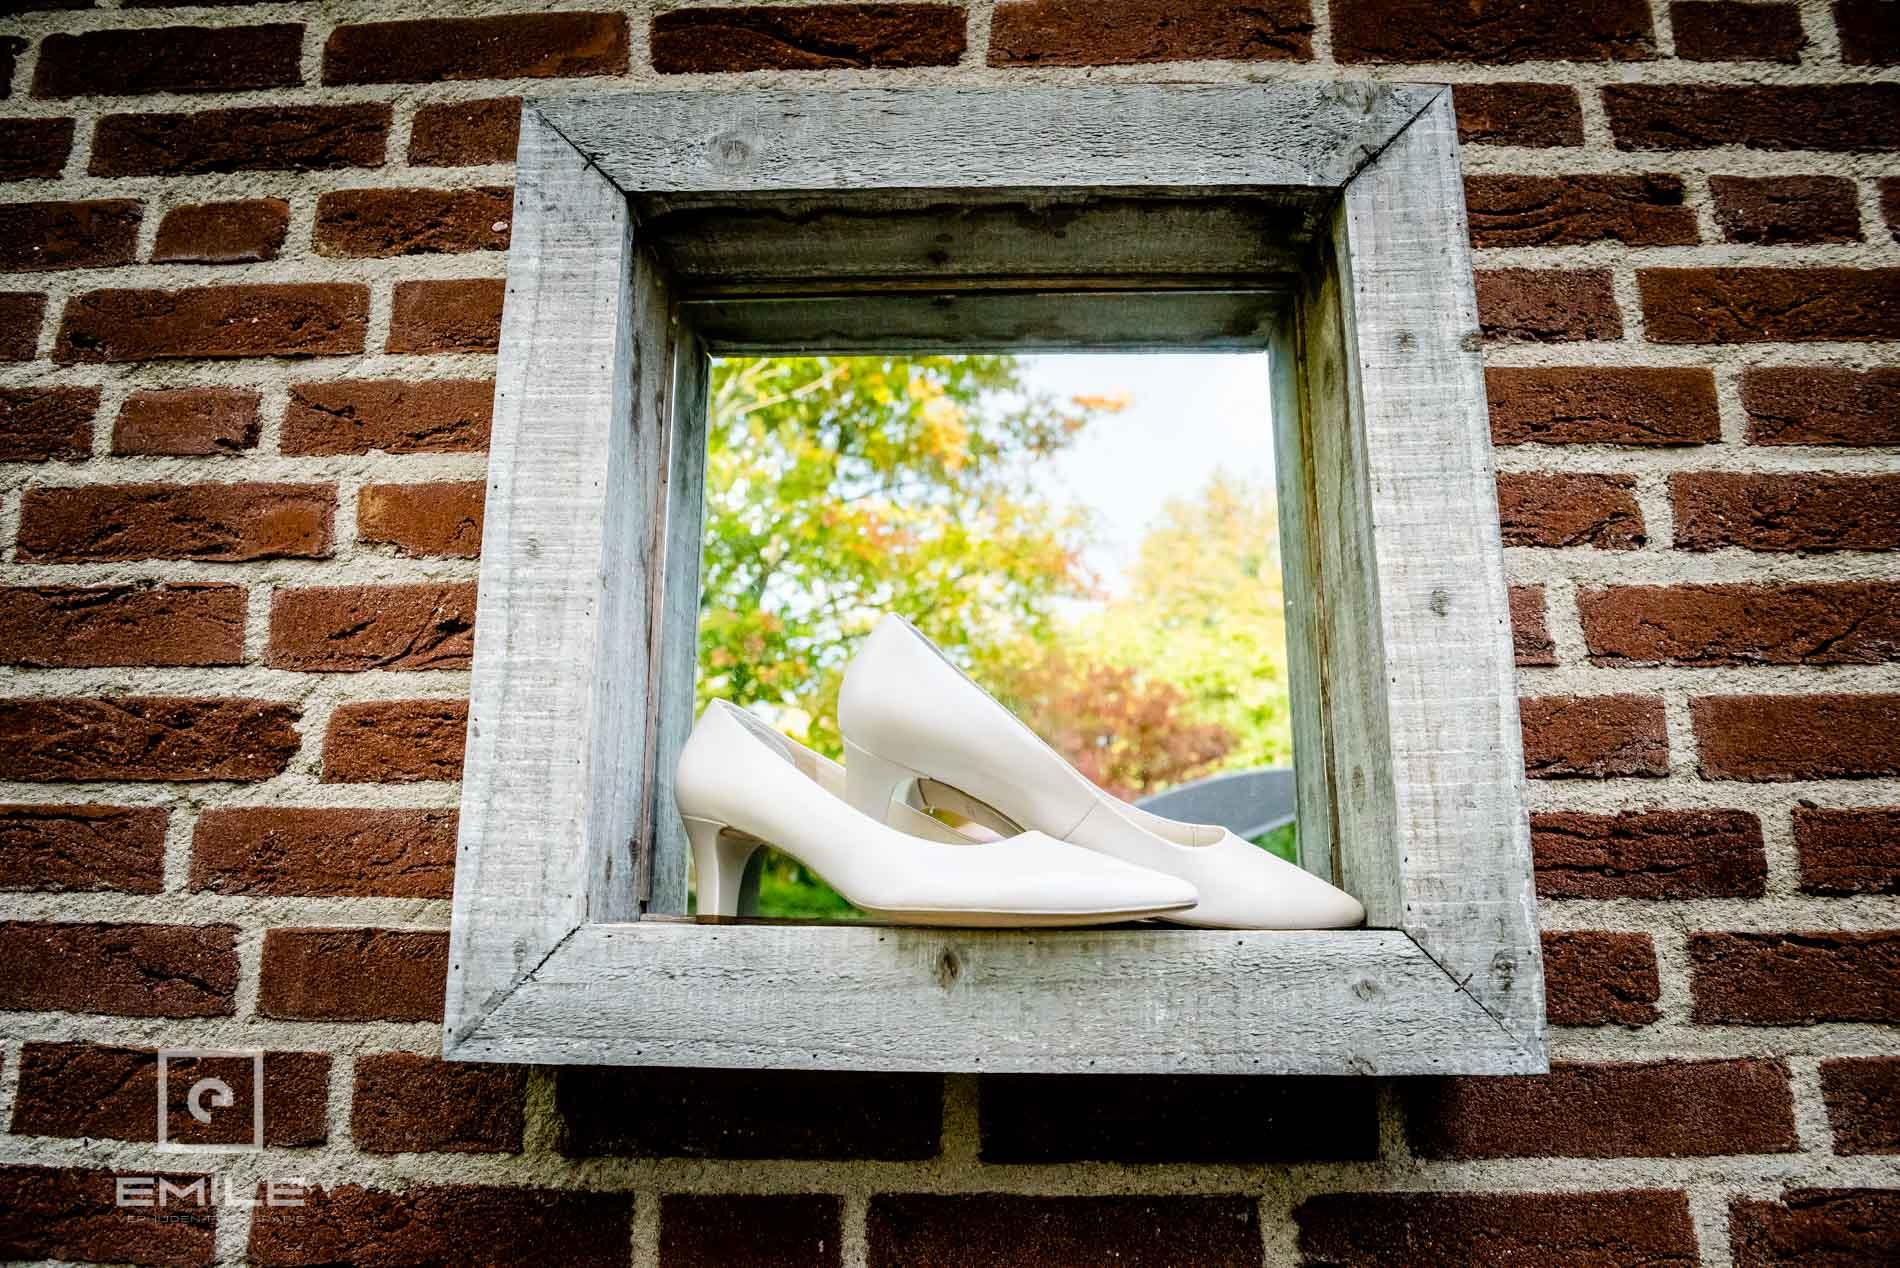 Bruidsfotograaf Kasteel Limbricht. De schoenen van de bruid. Trouwen in Limburg